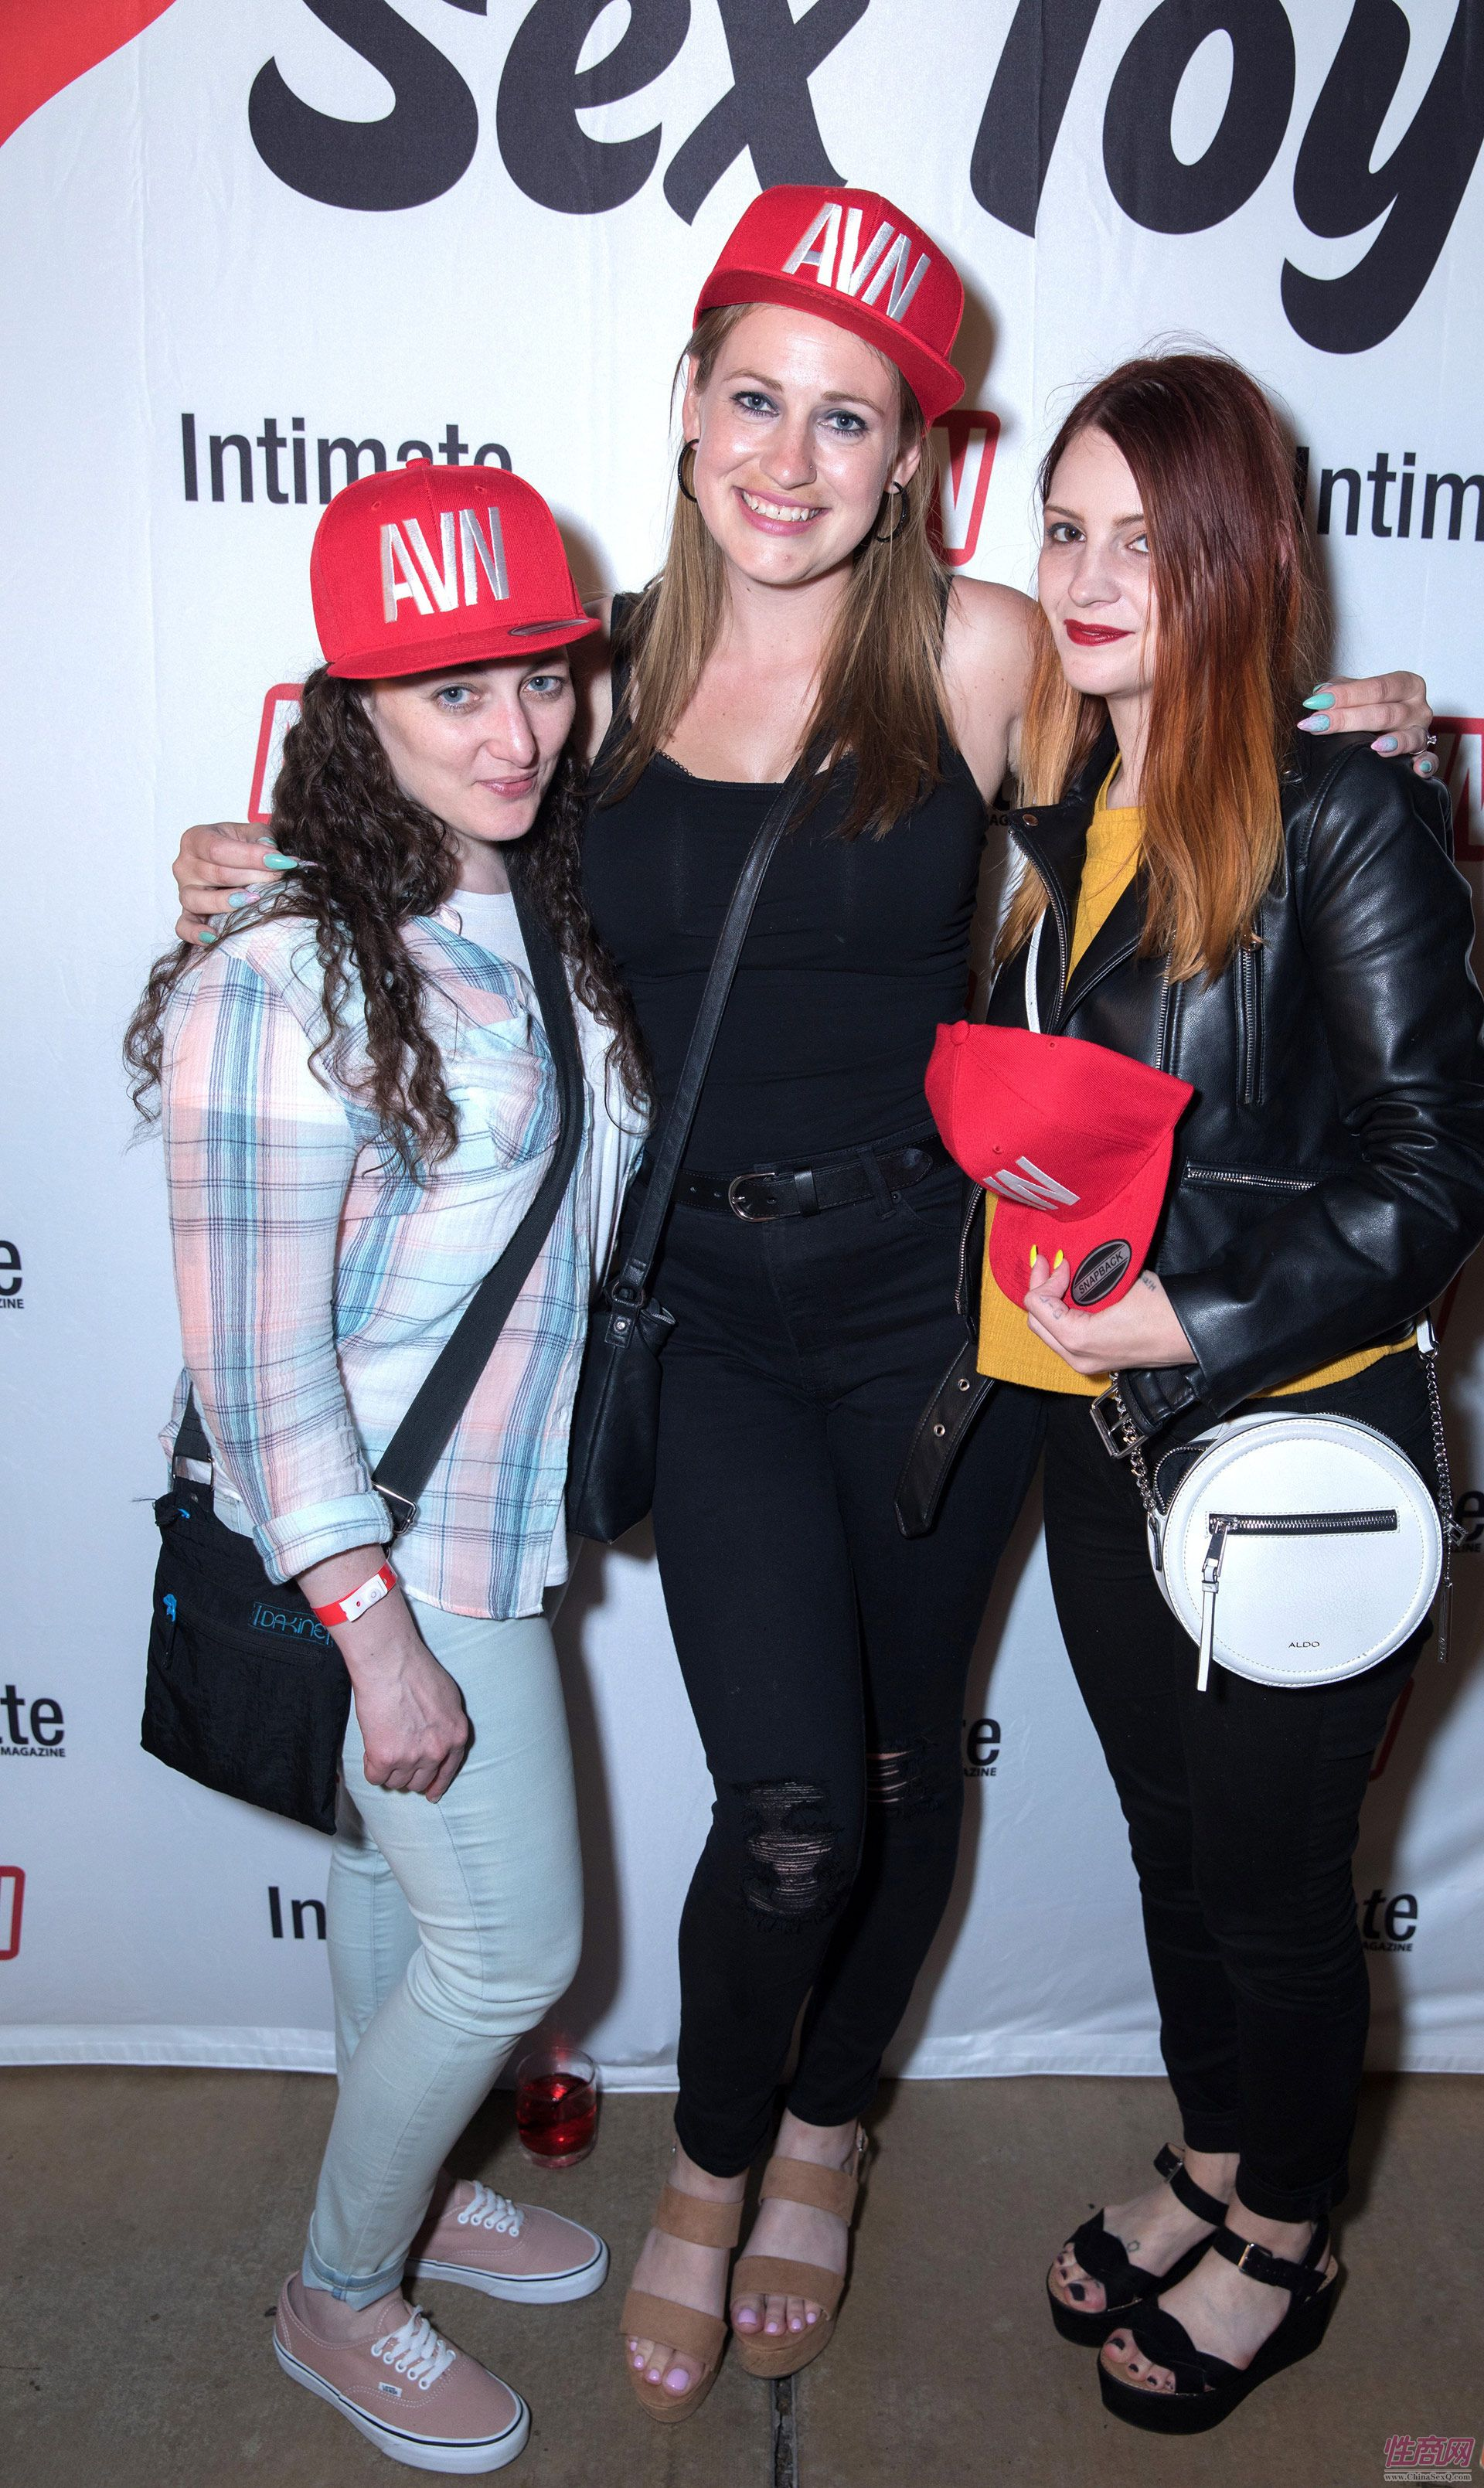 三位美女嘉宾合影